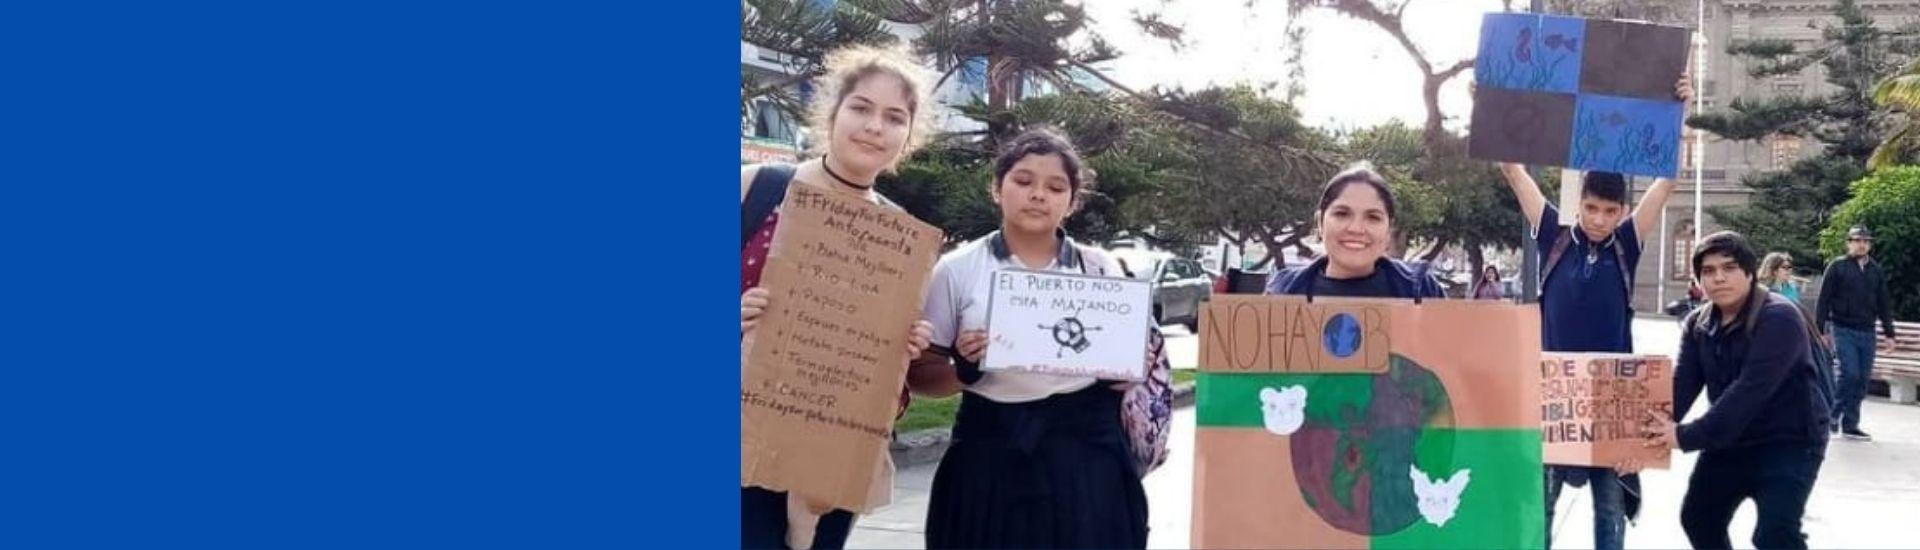 Profesora Mery con sus estudiantes realizando activismo medioambiental en la calle